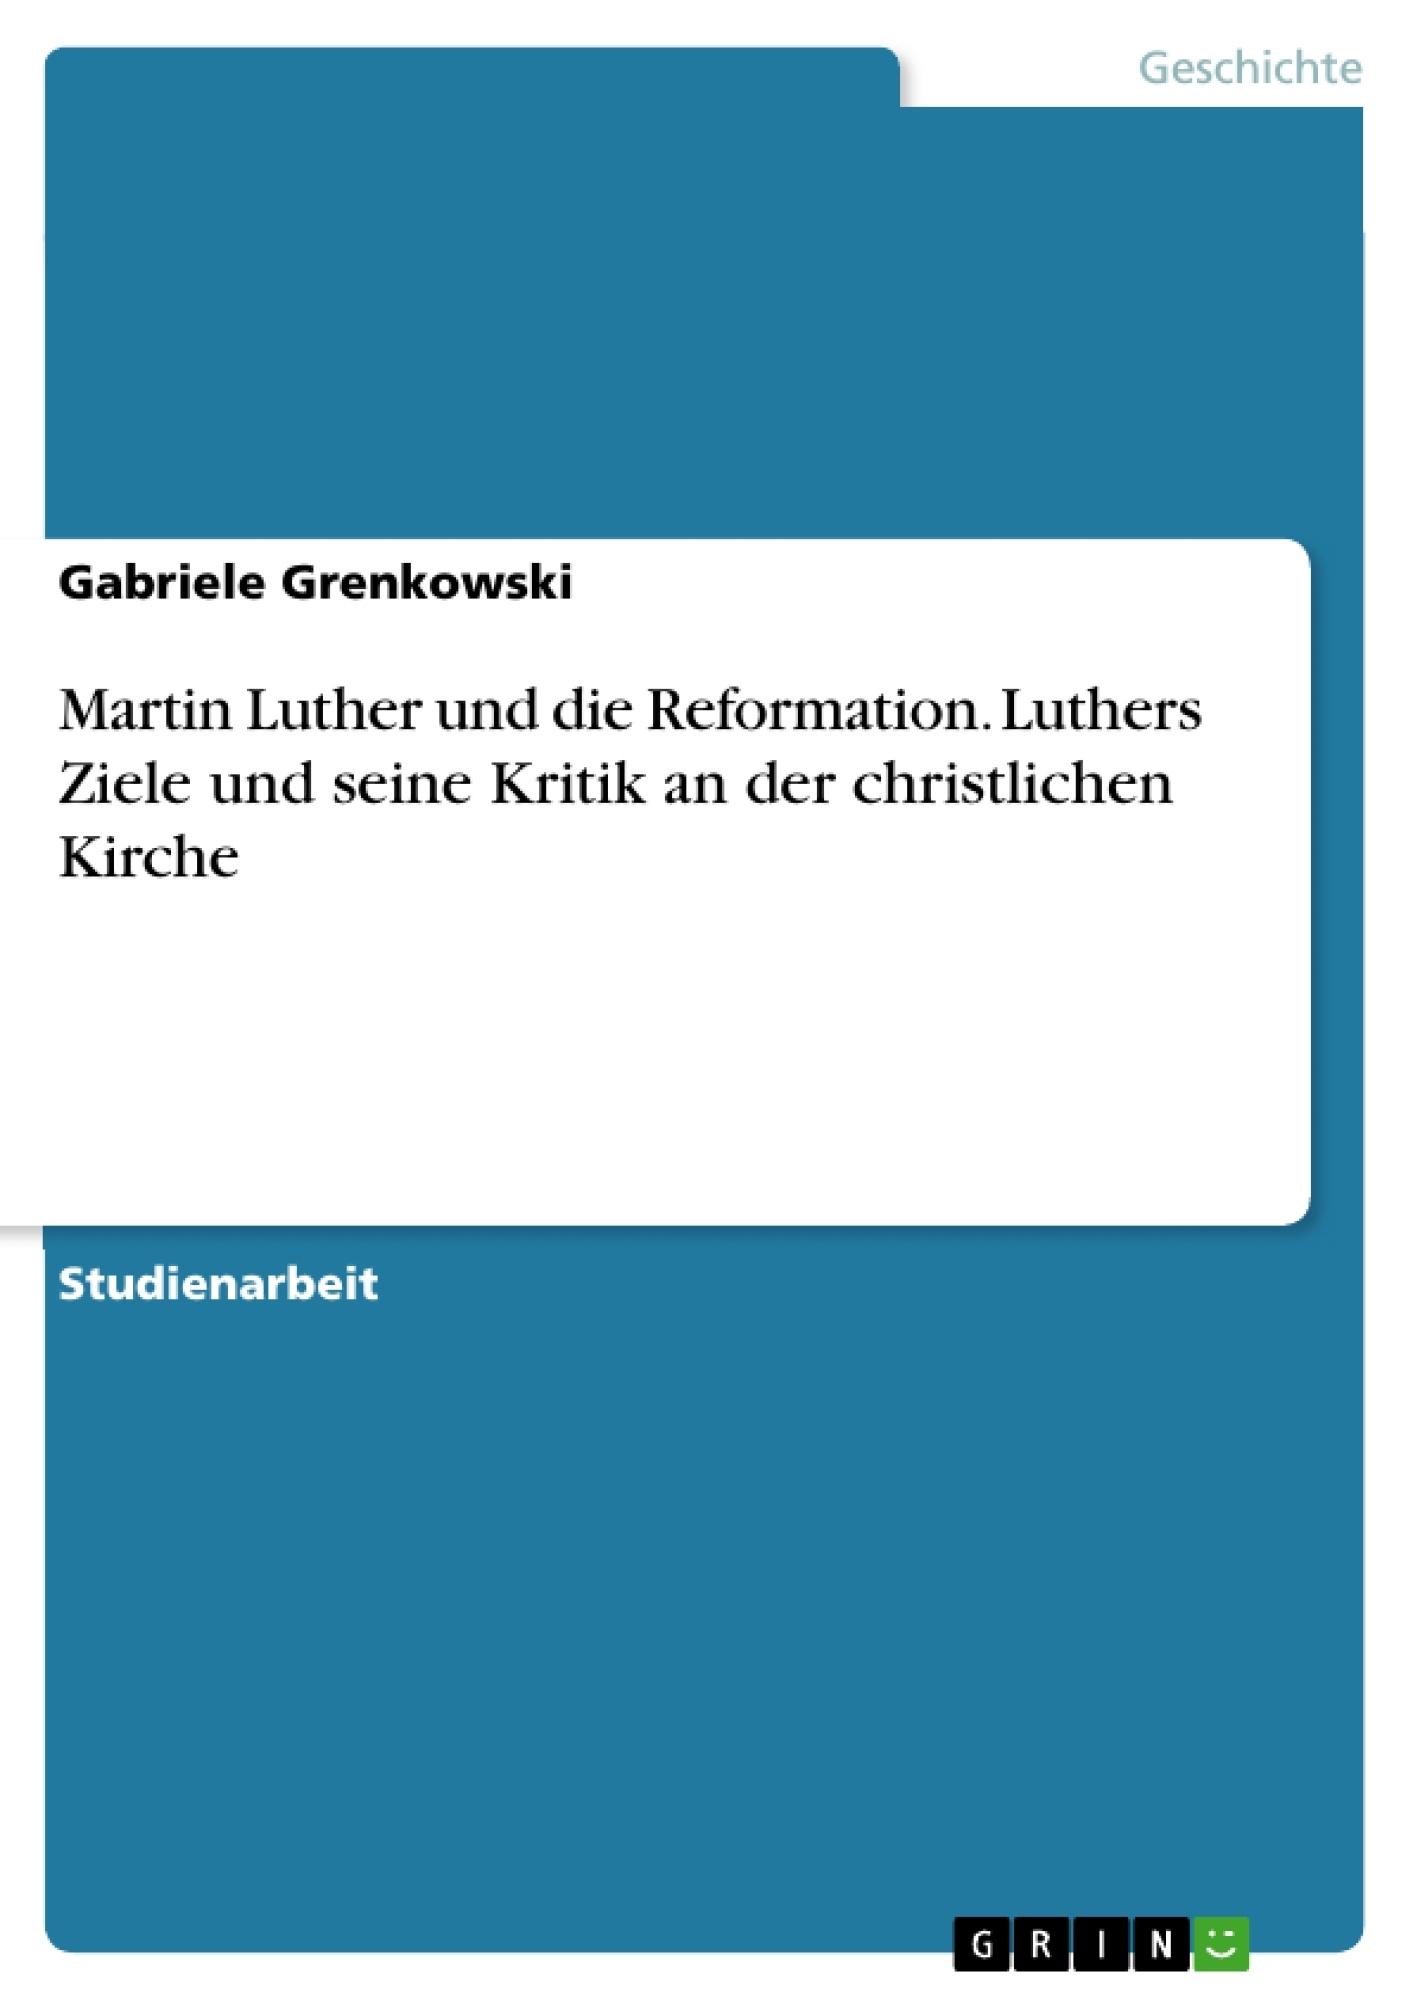 Titel: Martin Luther und die Reformation. Luthers Ziele und seine Kritik an der christlichen Kirche